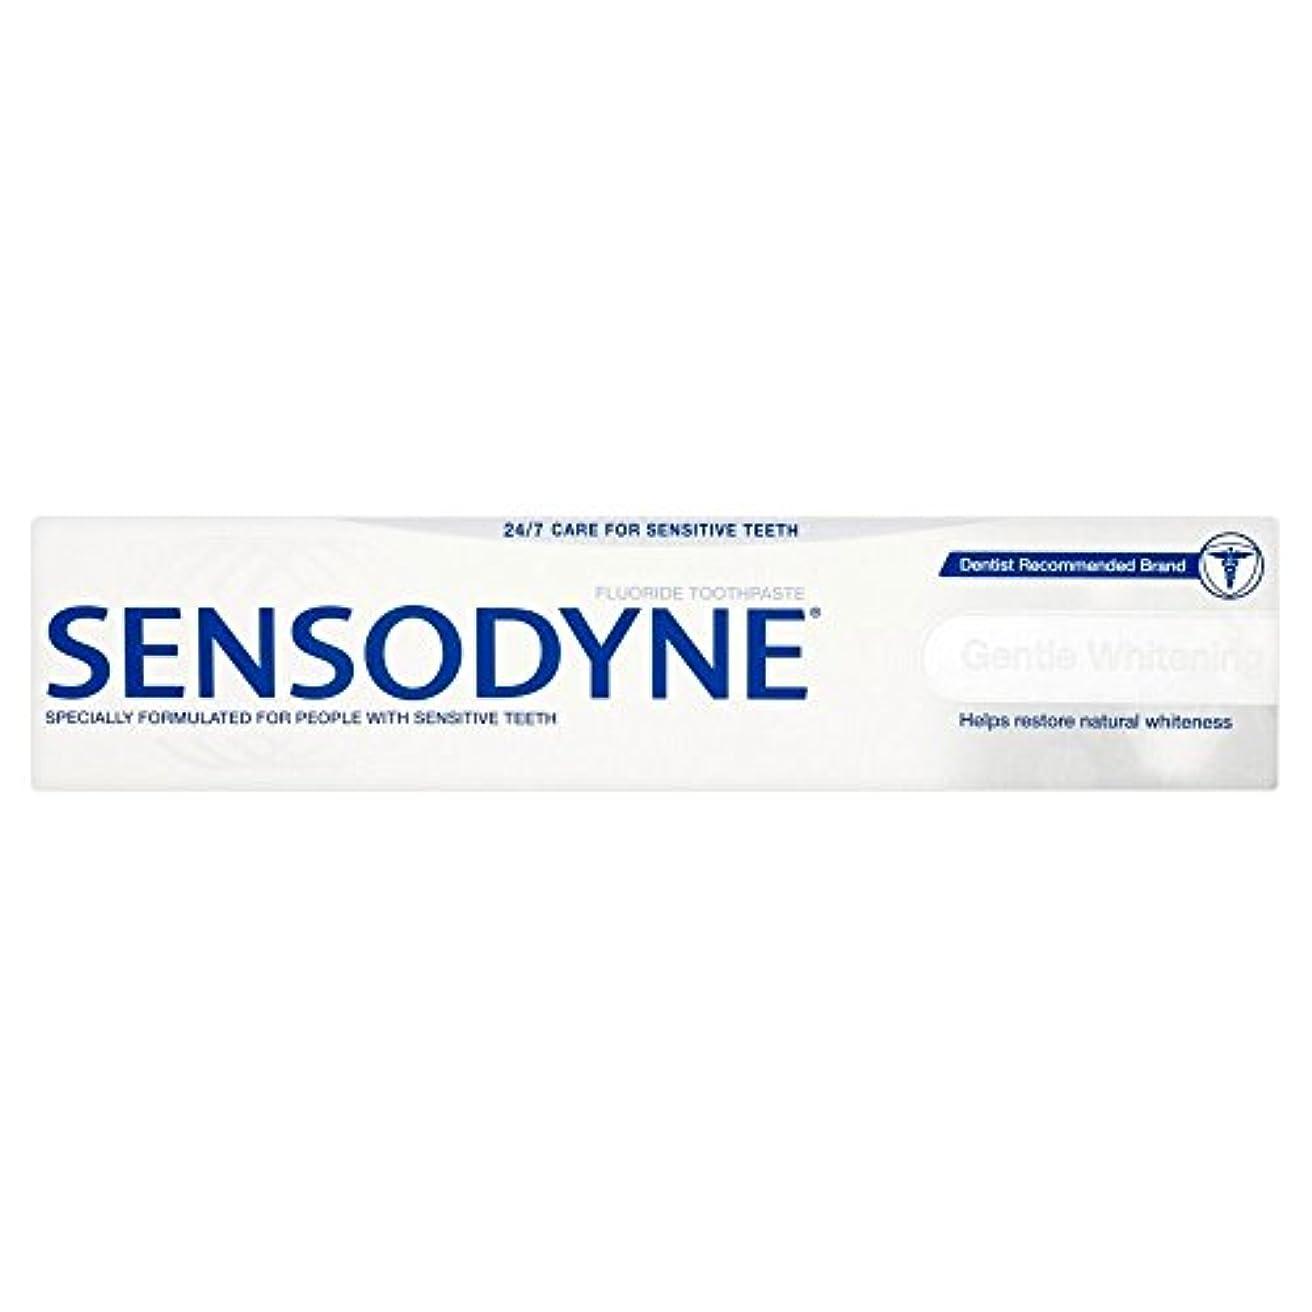 定義するドリンク不公平Sensodyne Total Care Gentle Whitening Toothpaste Tube (100ml) Sensodyneトータルケア優しいホワイトニング歯磨き粉のチューブ( 100ミリリットル) [...